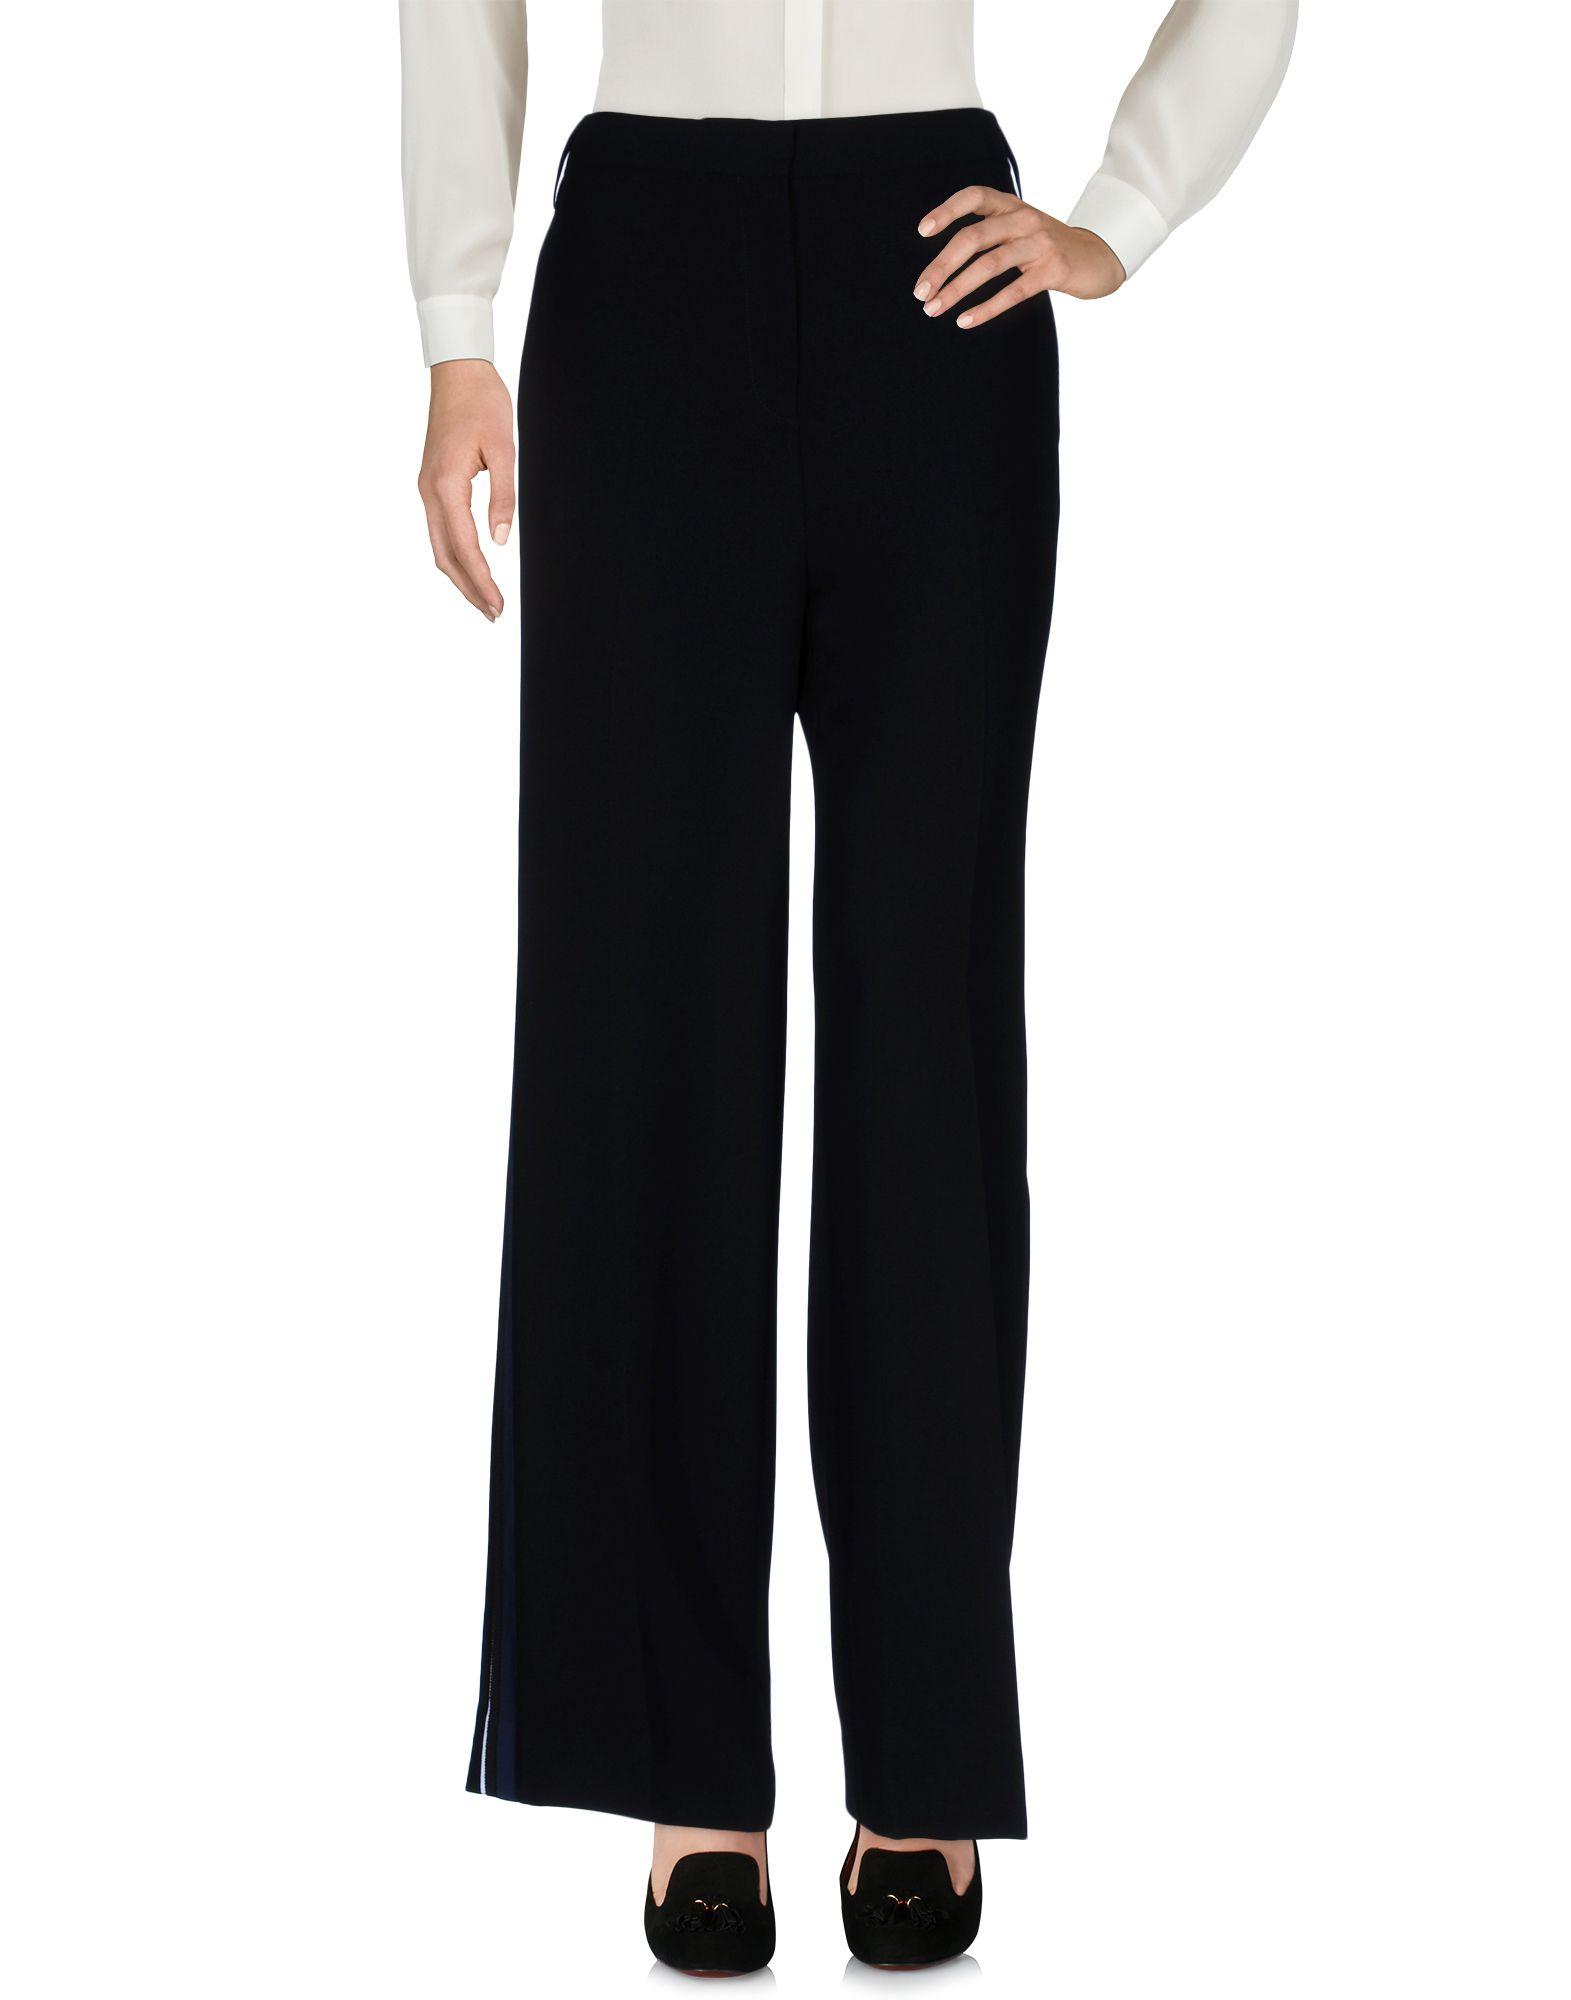 victoria beckham укороченные джинсы VICTORIA, VICTORIA BECKHAM Повседневные брюки